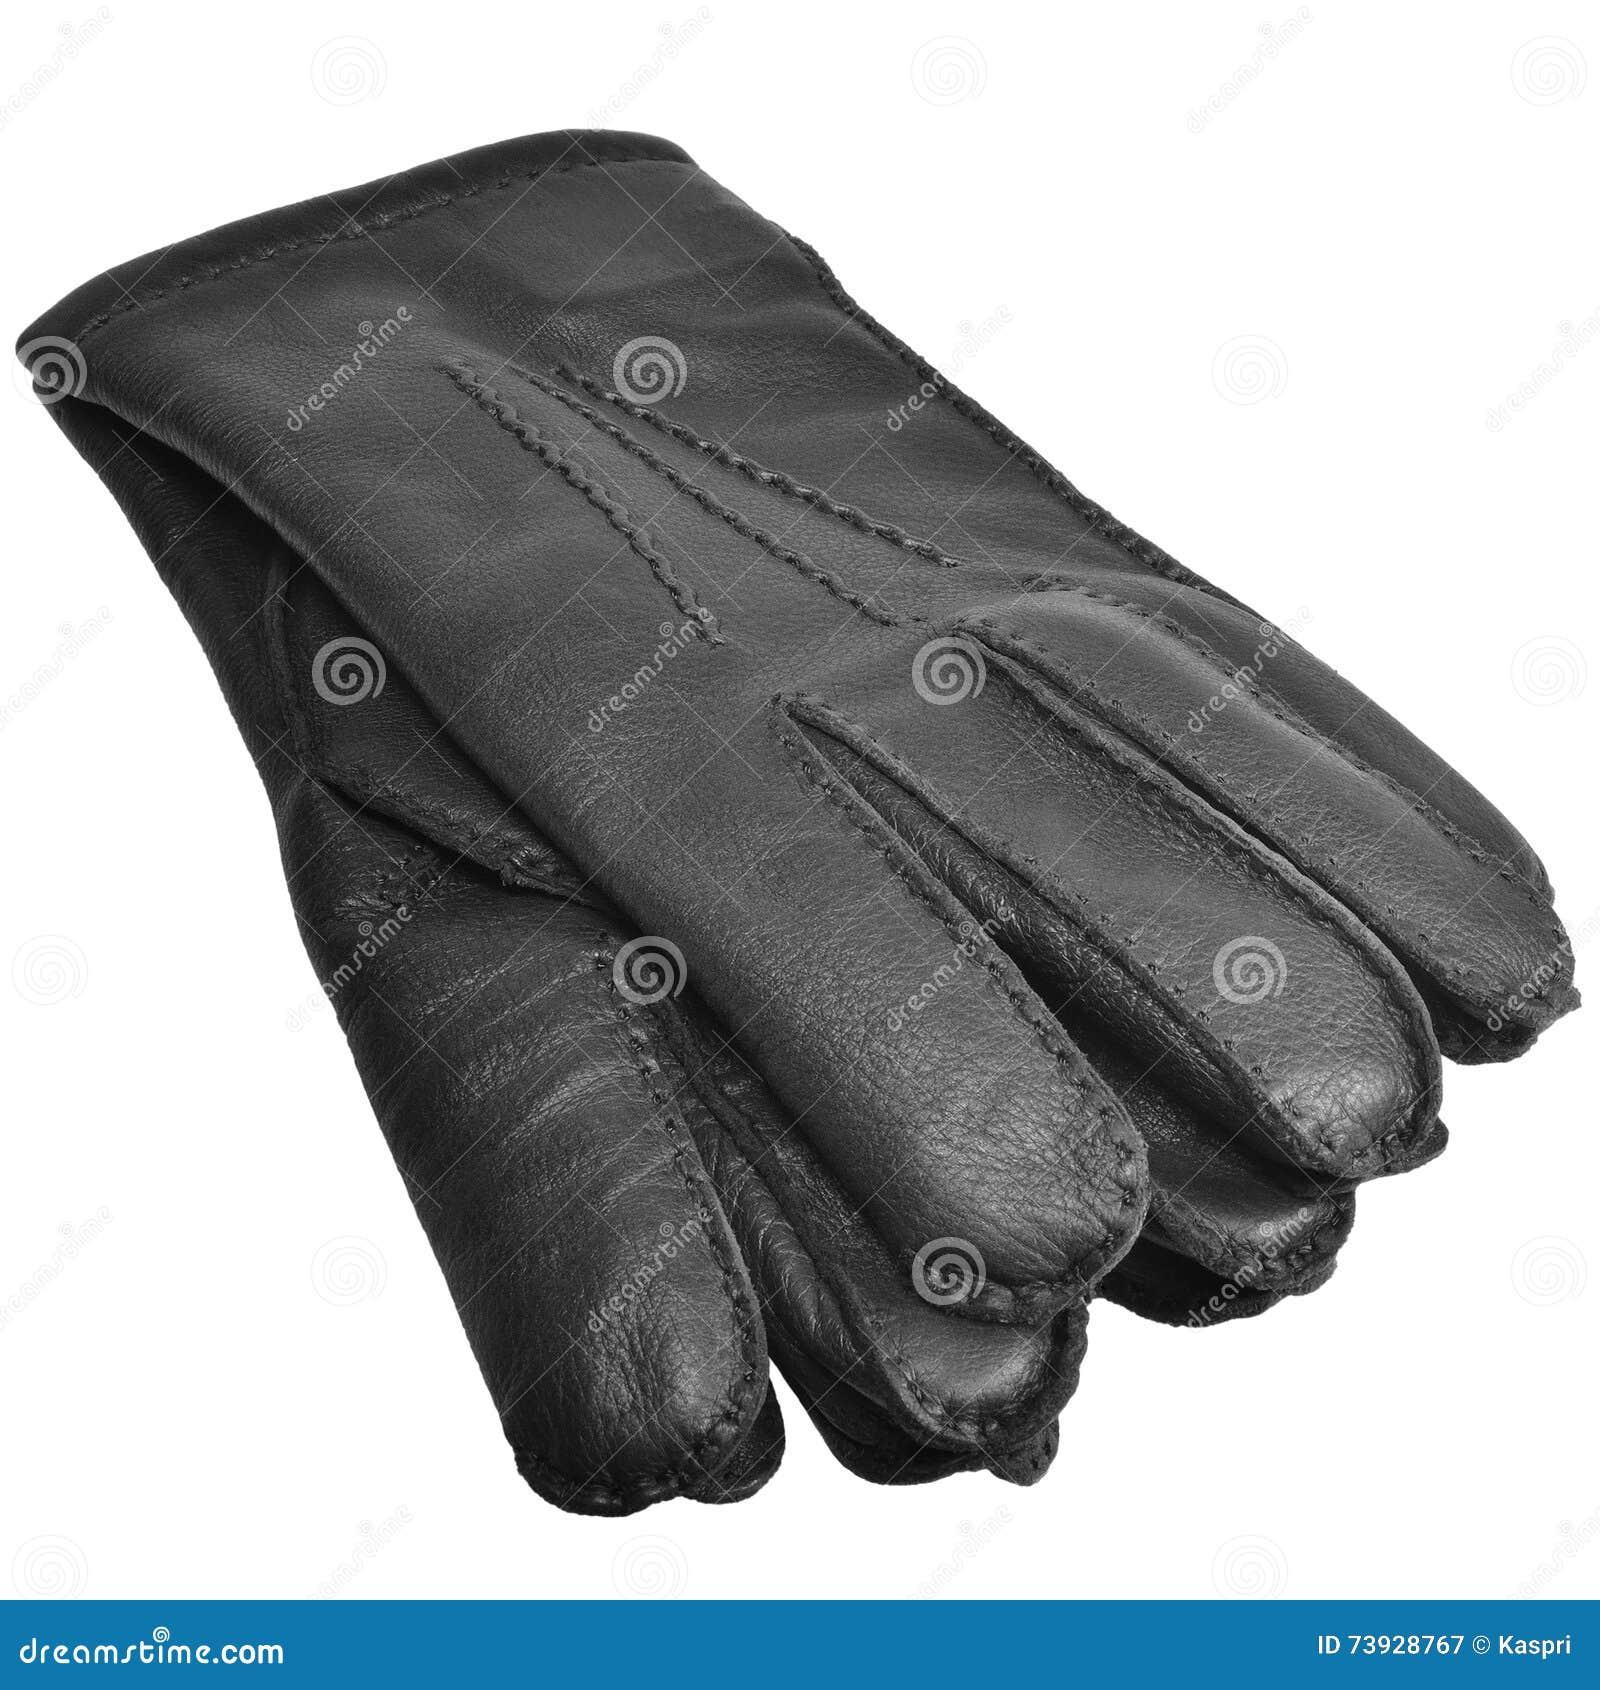 Black Men Deerskin Gloves Large Detailed Isolated Men s Fine Grain Deer Leather Glove Pair Macro Closeup Texture